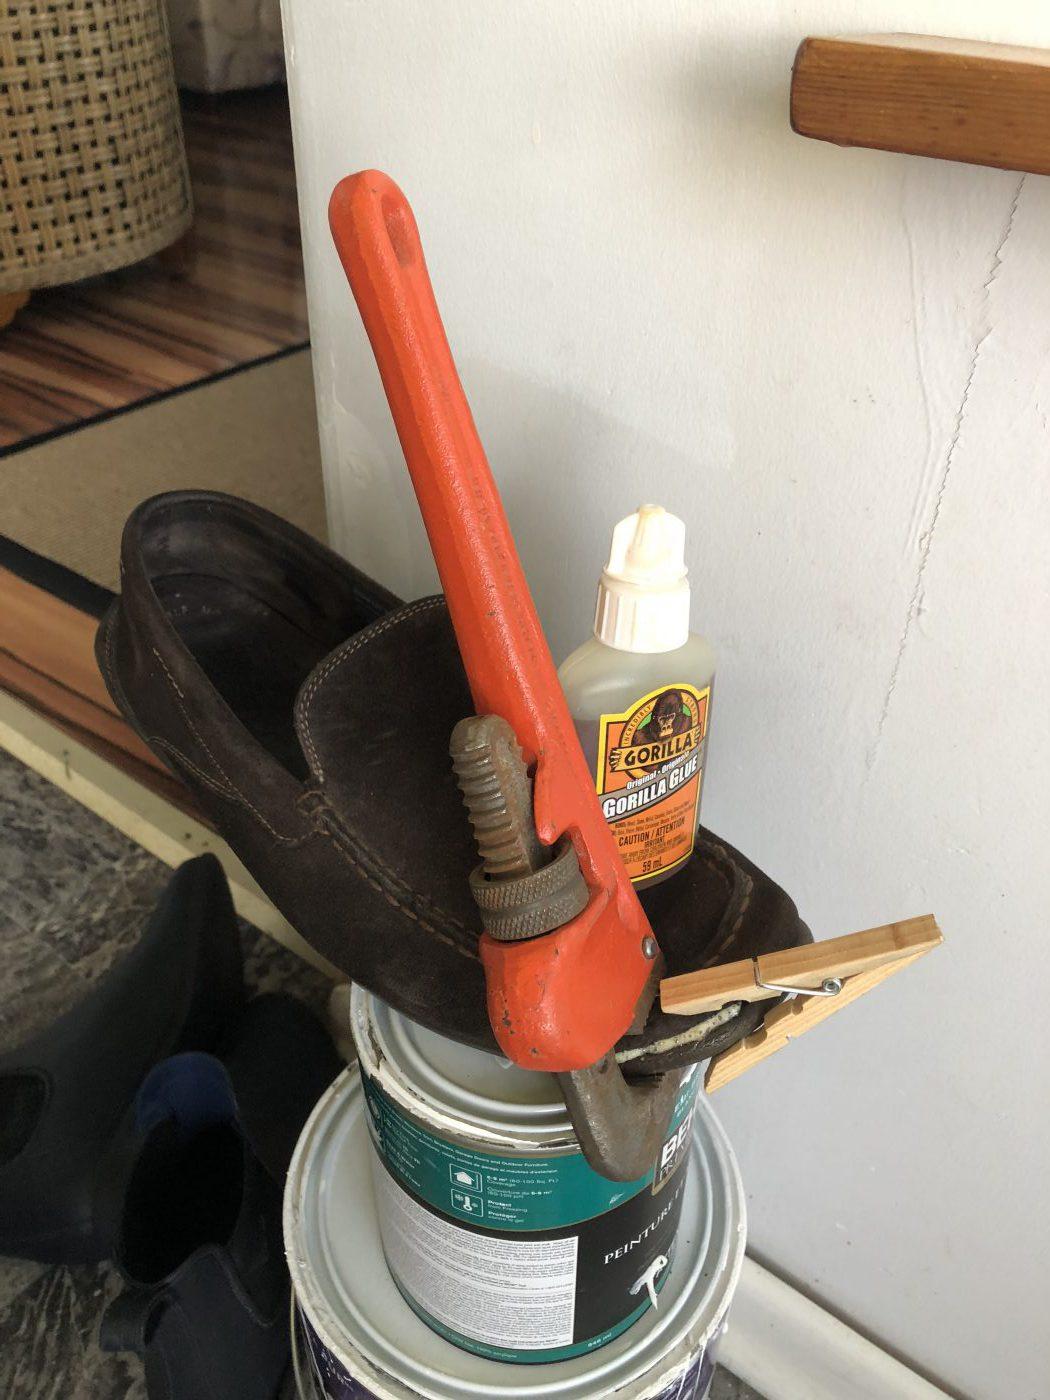 Gorilla Glue Shoe Repair